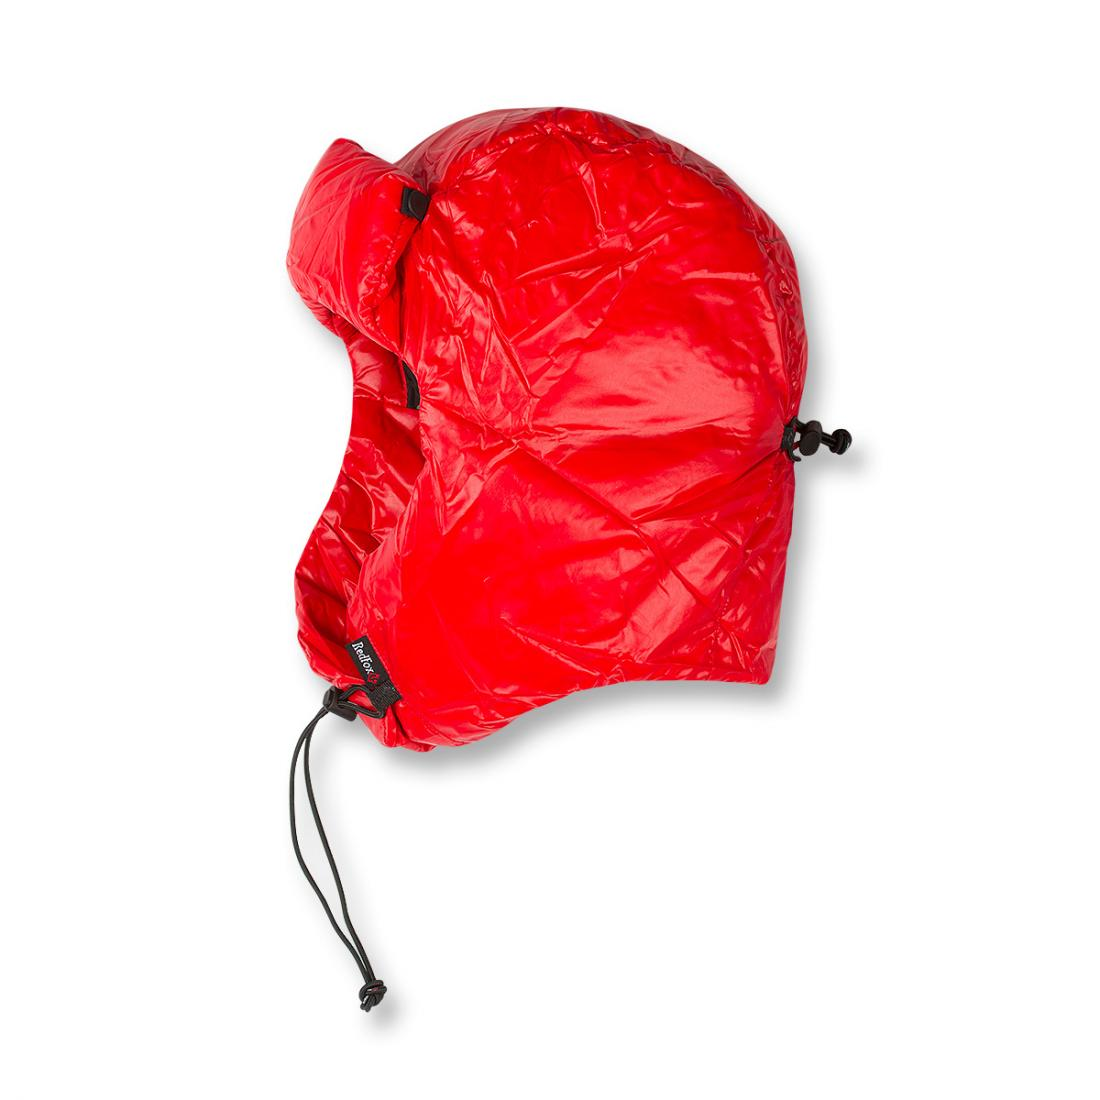 Шапка пуховая ExtractУшанки<br><br> Комфортная пуховая шапка-ушанка для использования в суровых погодных условиях.<br><br><br> <br><br><br>Основное назначение: Любые виды акт...<br><br>Цвет: Красный<br>Размер: 56